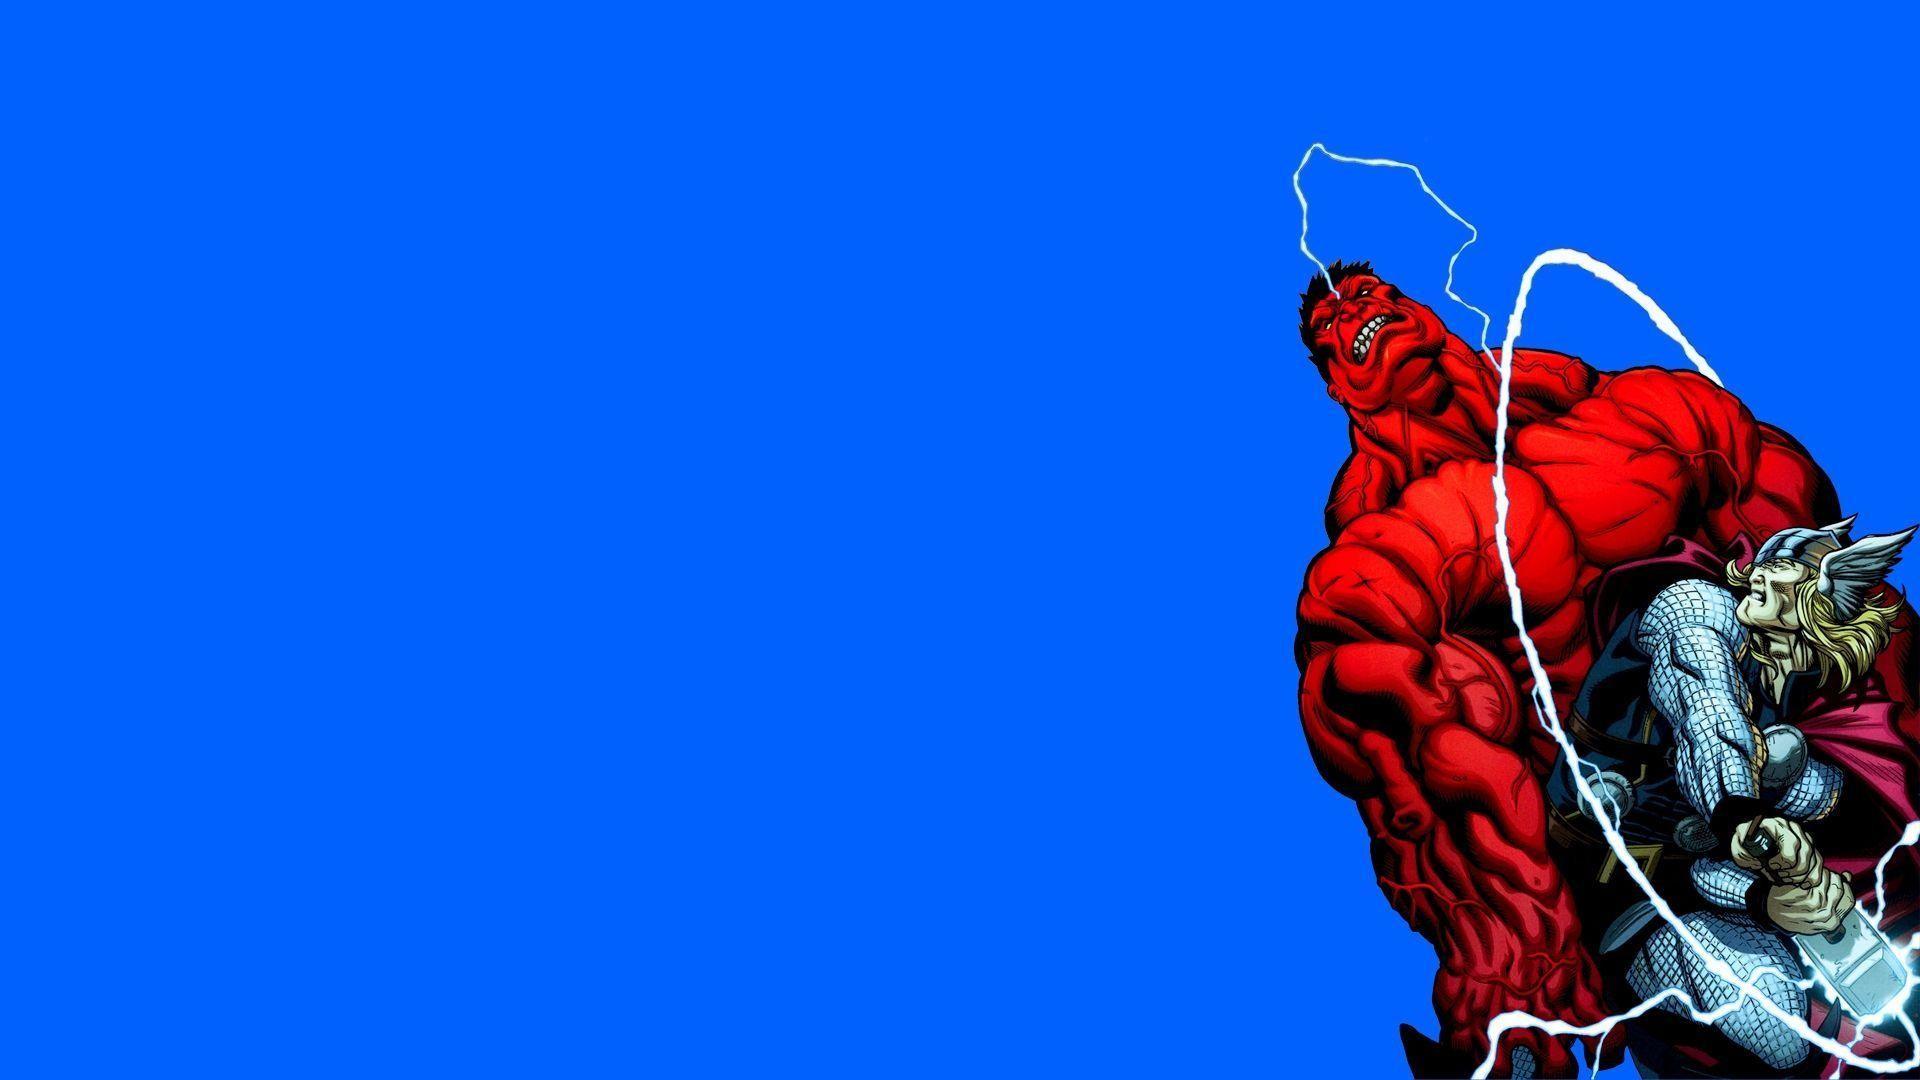 Hulk Wallpapers HD 3D | bestscreenwallpaper.com | Blue background